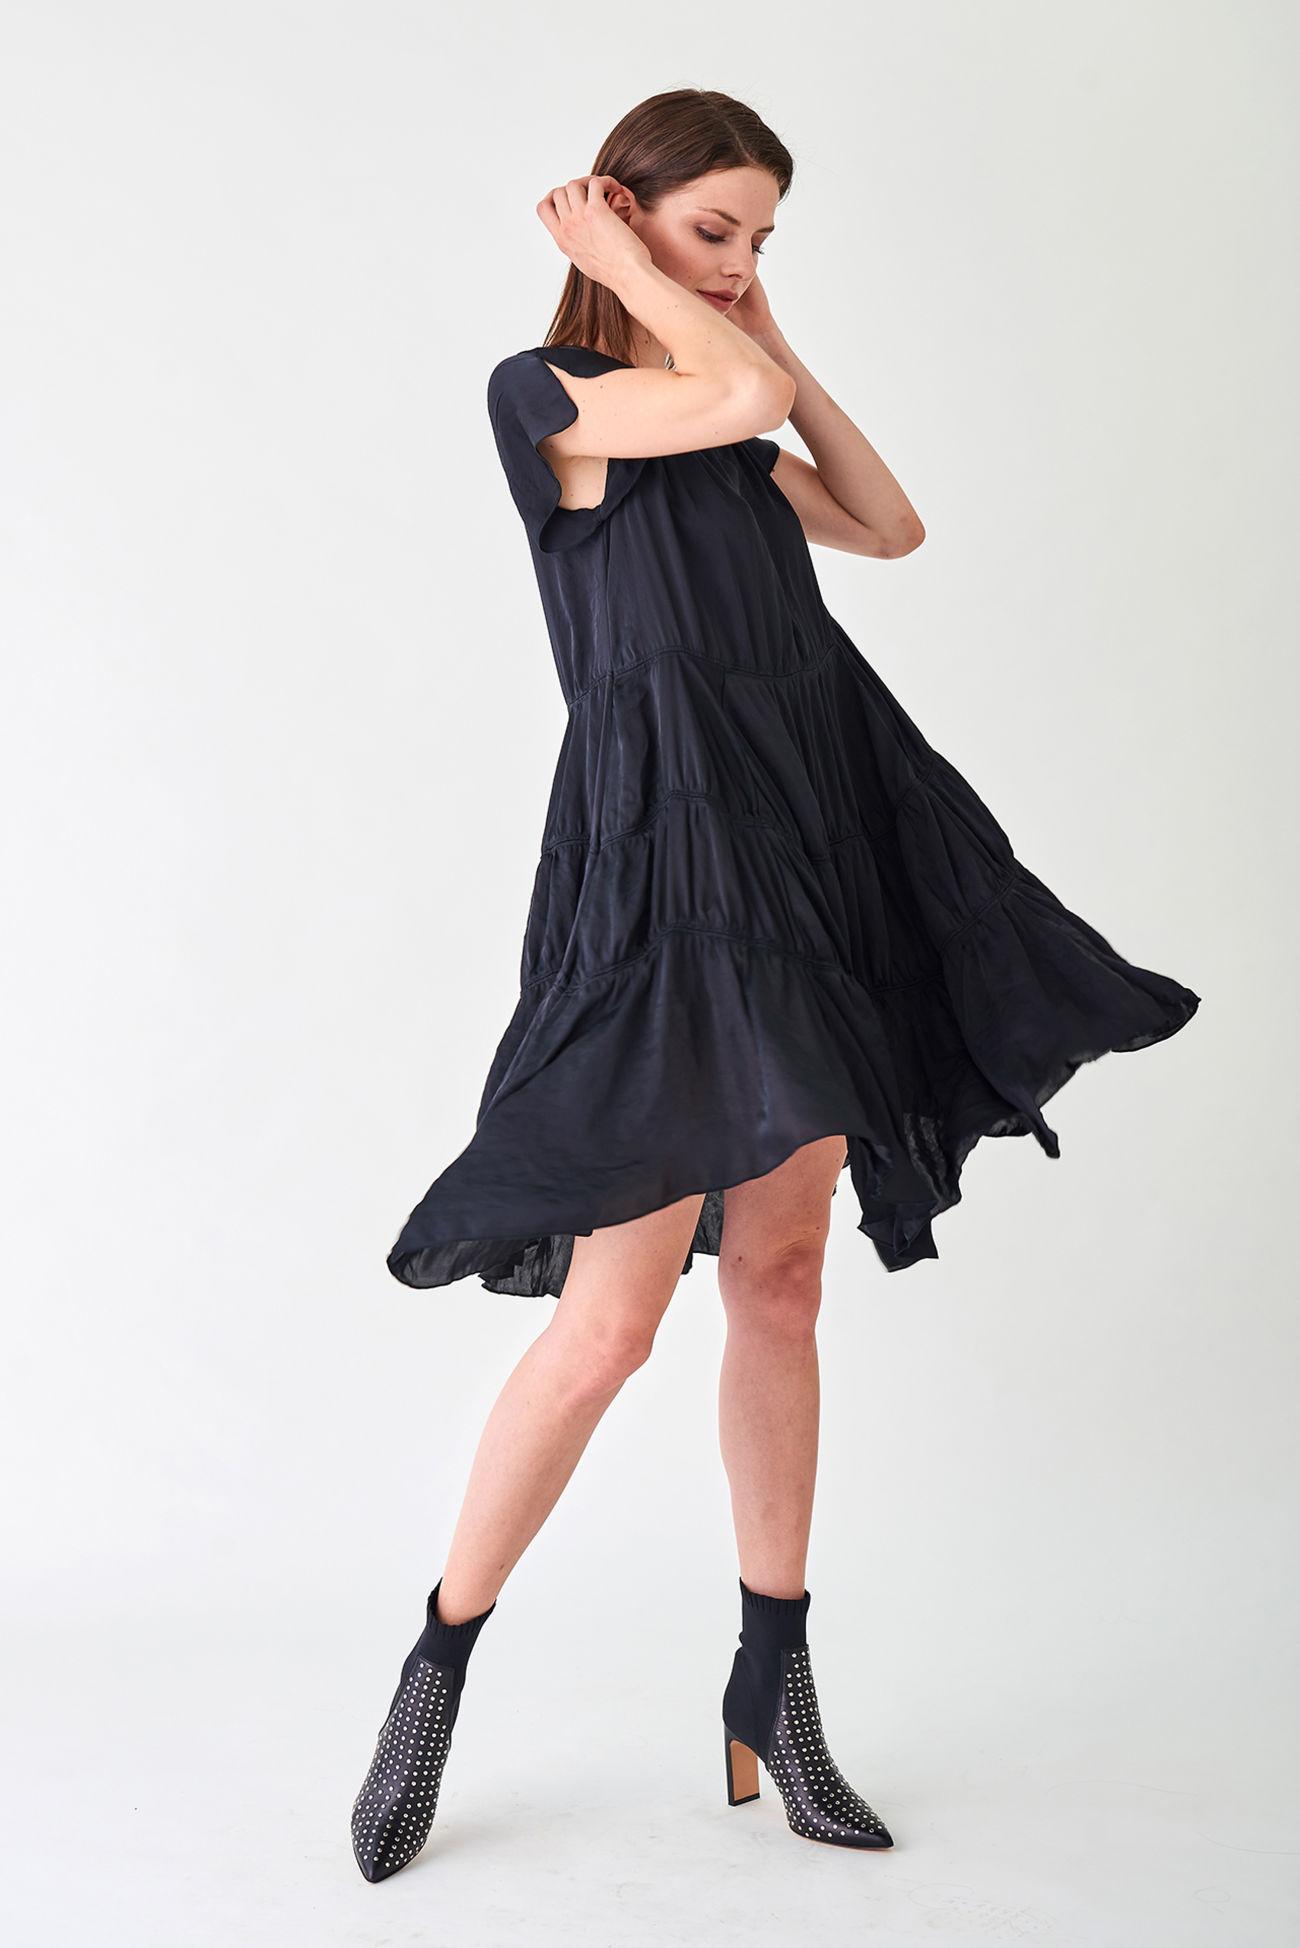 Verspieltes Kleid aus edler Fallschirmseide